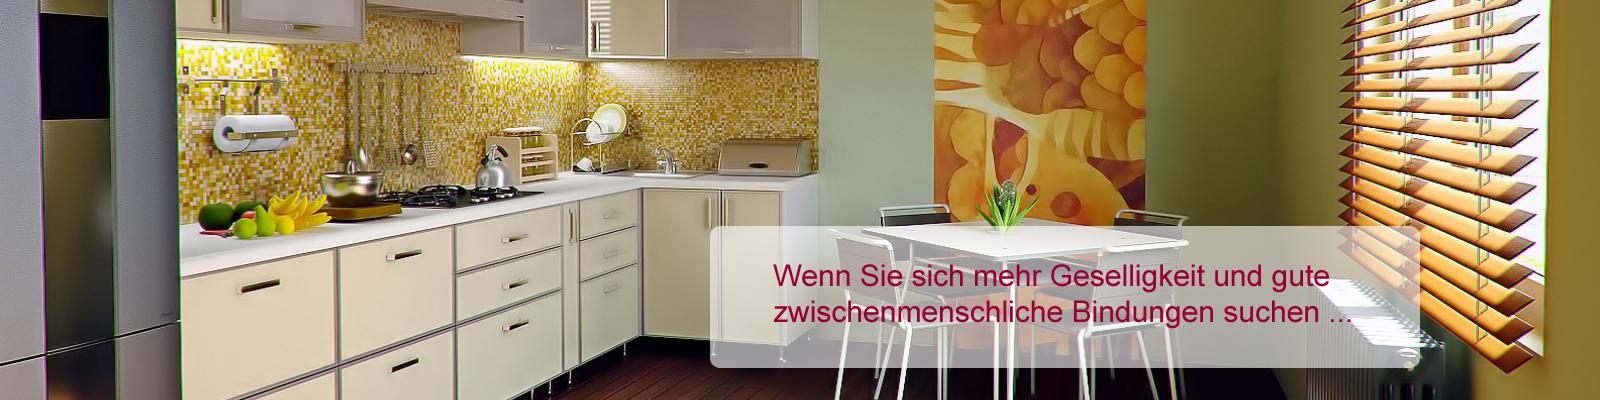 0241 538 089 22 sabrina lehmann klassisches feng shui. Black Bedroom Furniture Sets. Home Design Ideas